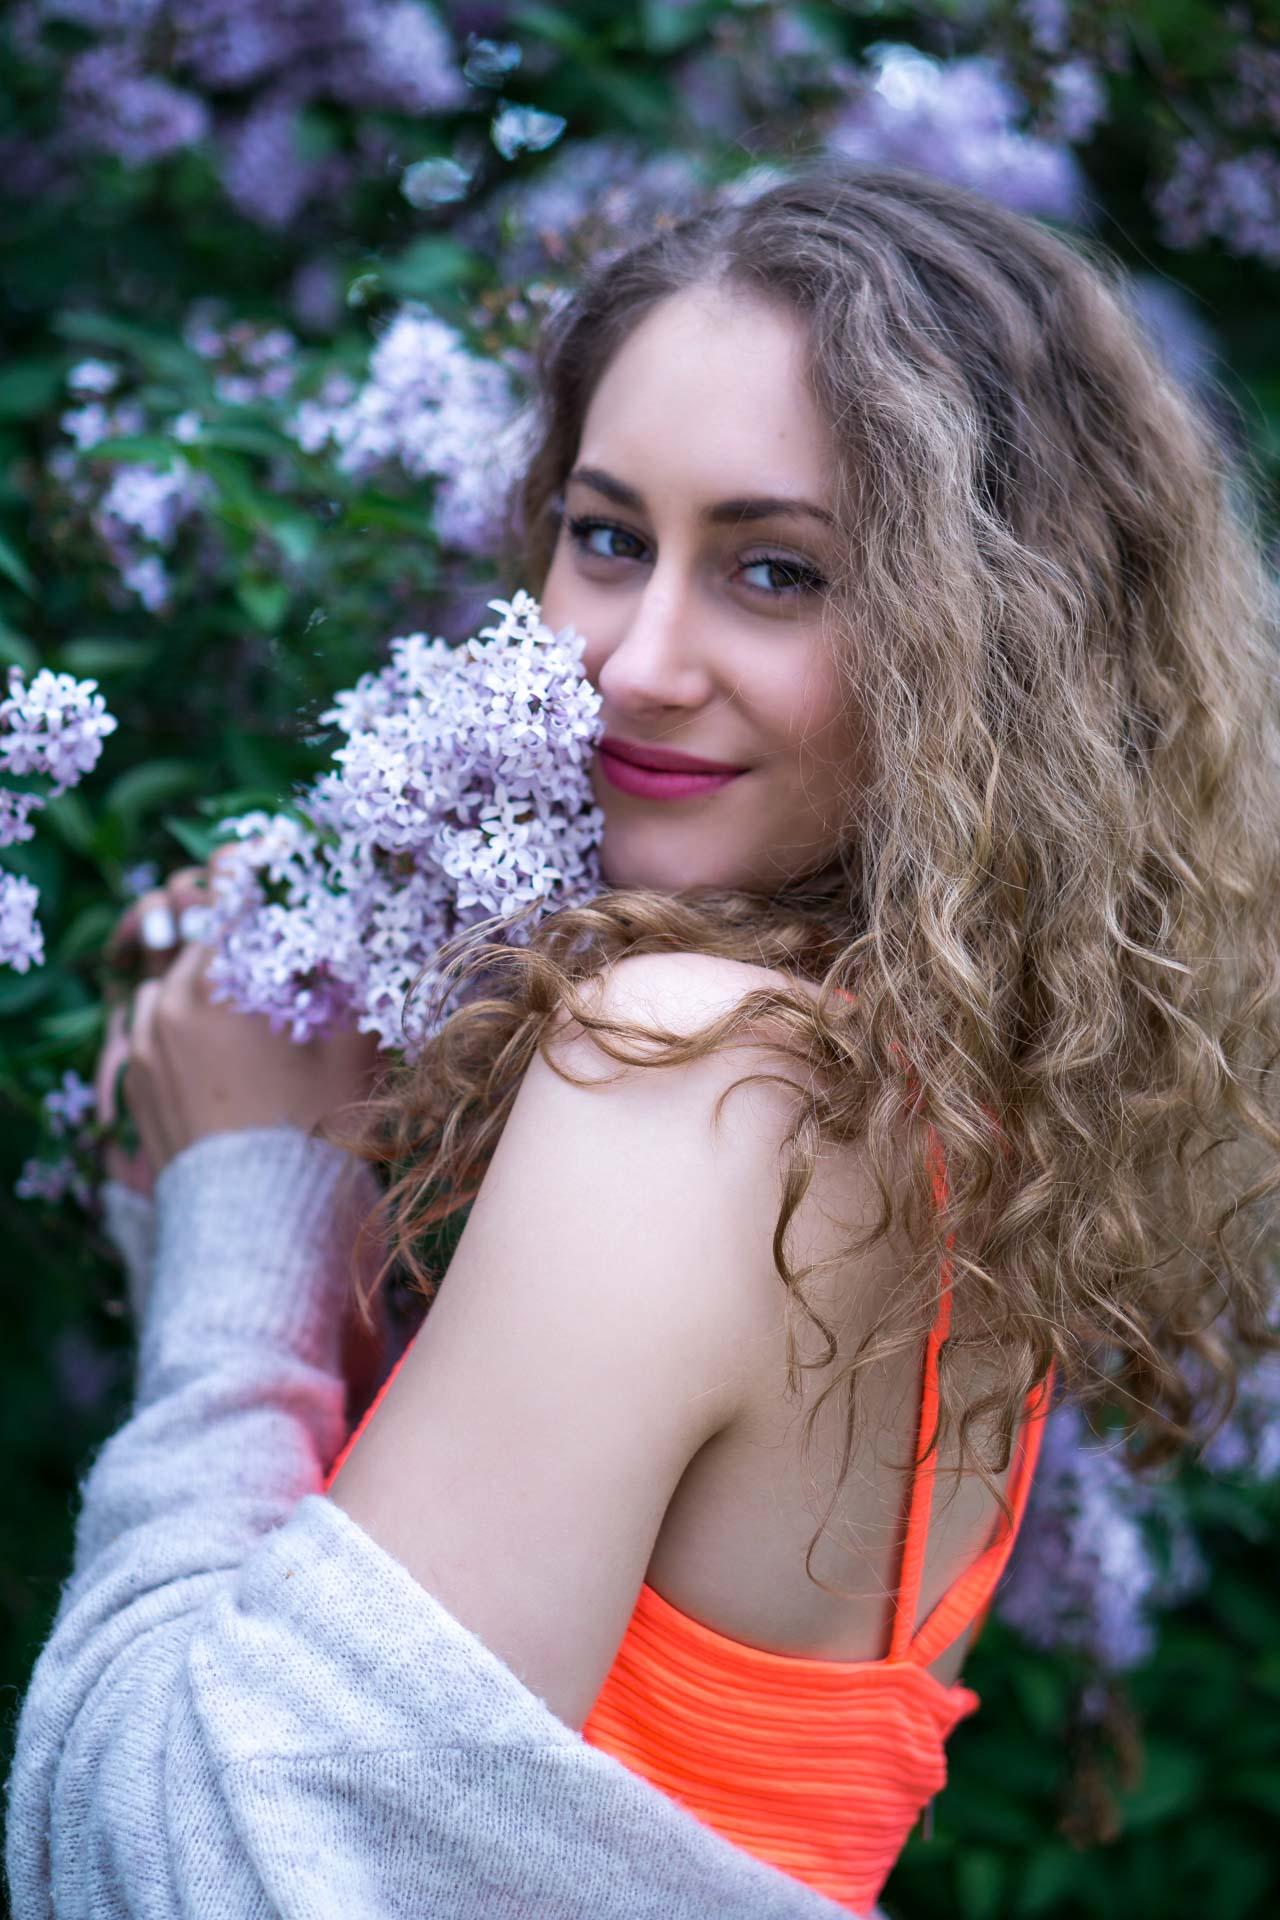 Laura riecht liebevoll an Blumen